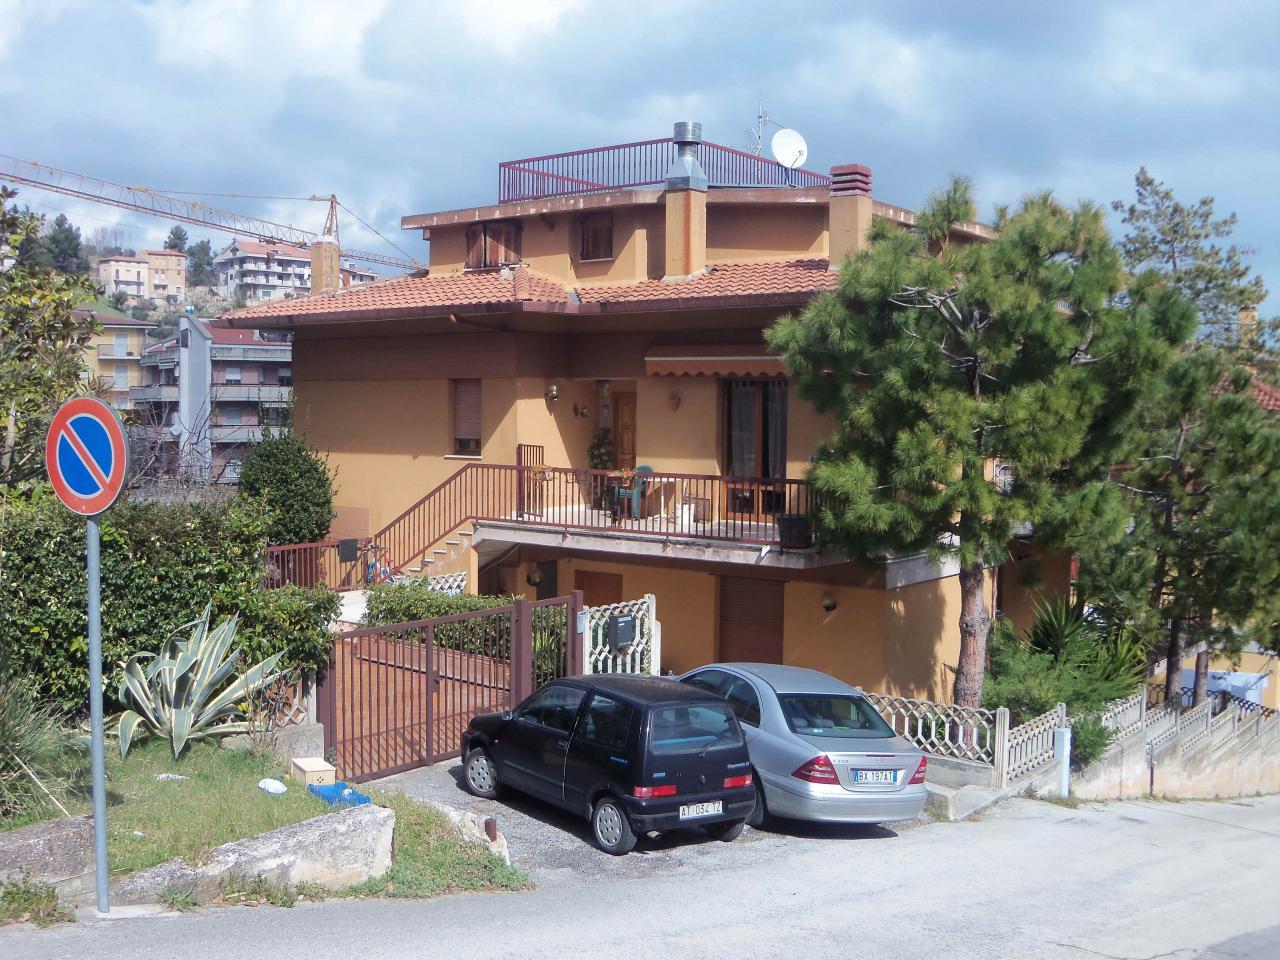 Villa Bifamiliare in vendita a Acquaviva Picena, 8 locali, zona Località: Residenziale, prezzo € 350.000 | Cambio Casa.it